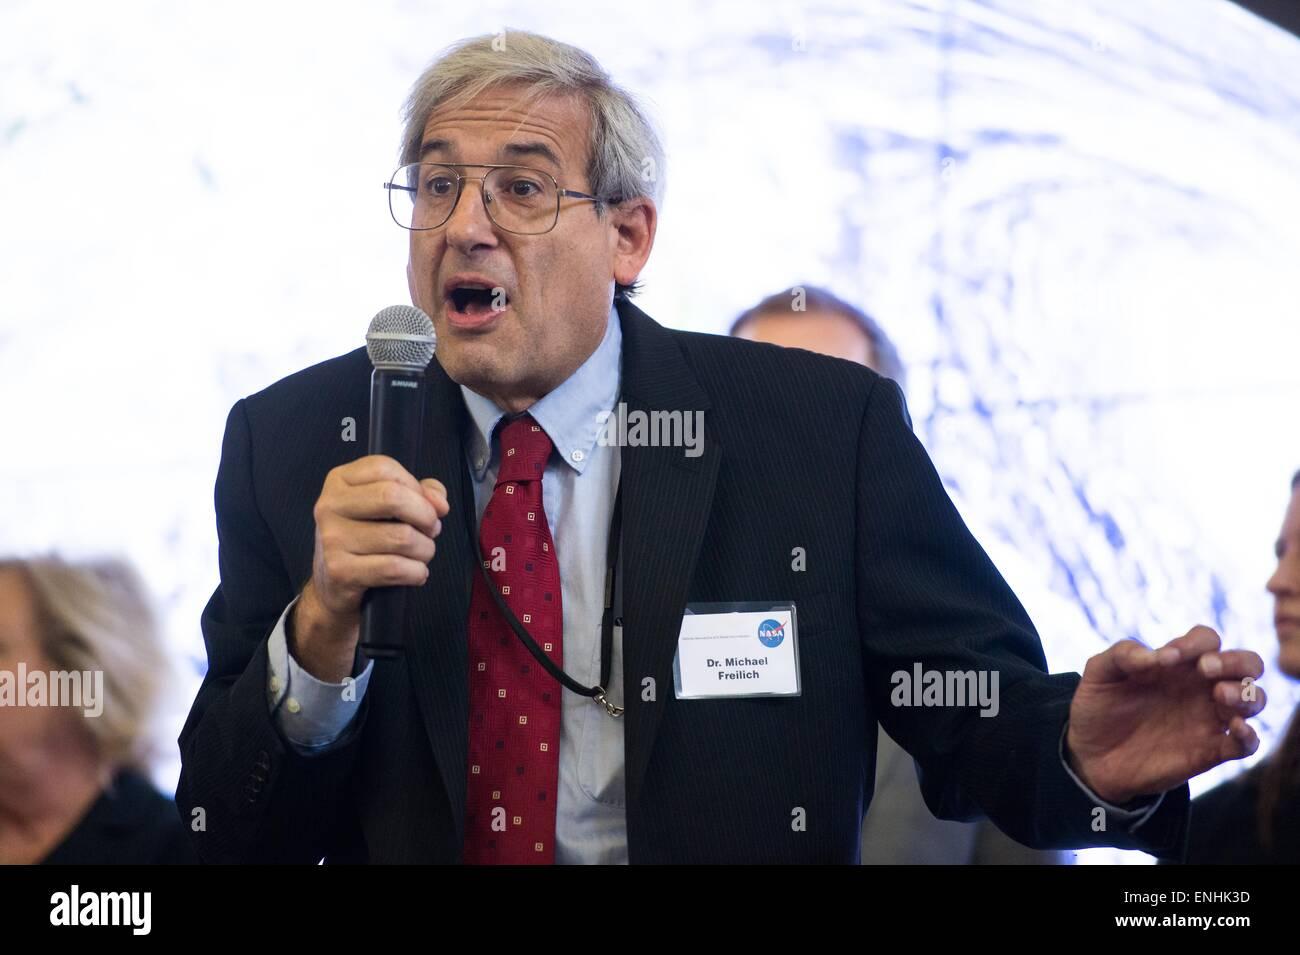 Directeur de la NASA Earth Science Dr Michael Freilich parle lors d'un événement le jour de la Terre Photo Stock